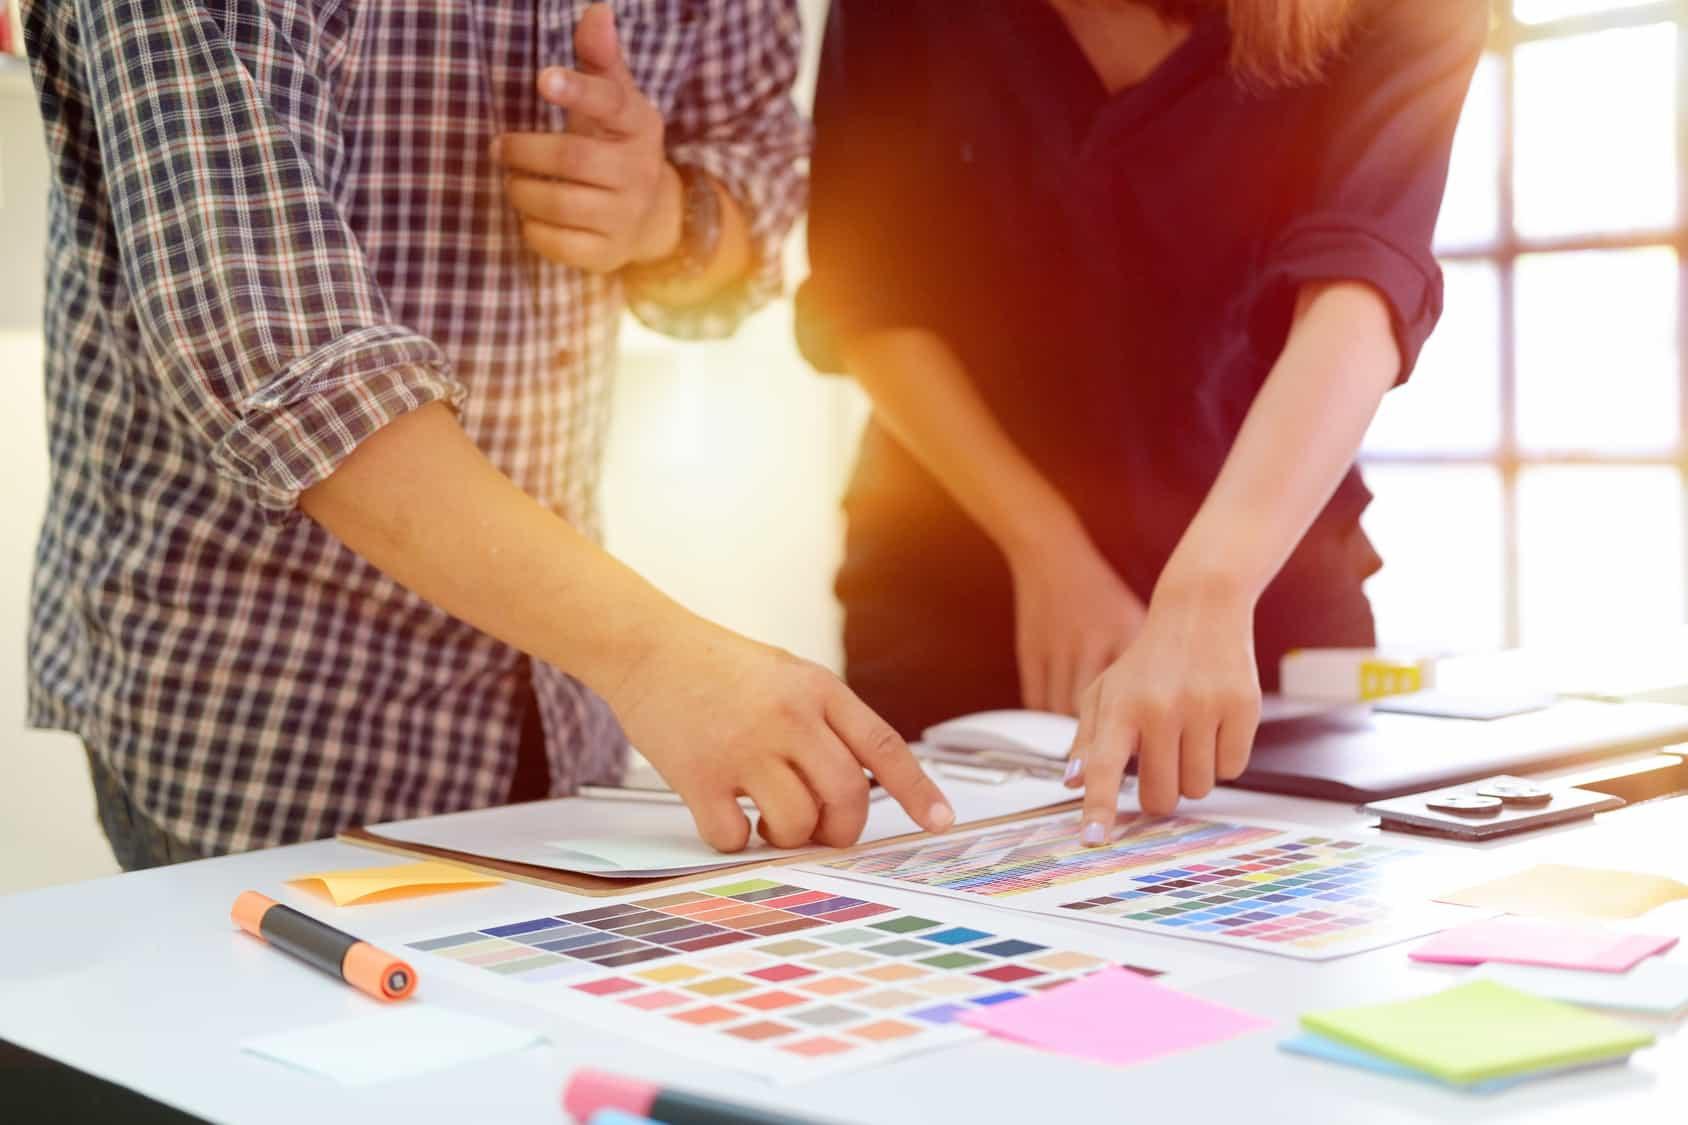 L'intrapreneuriat: la créativité des salariés au service des entreprises